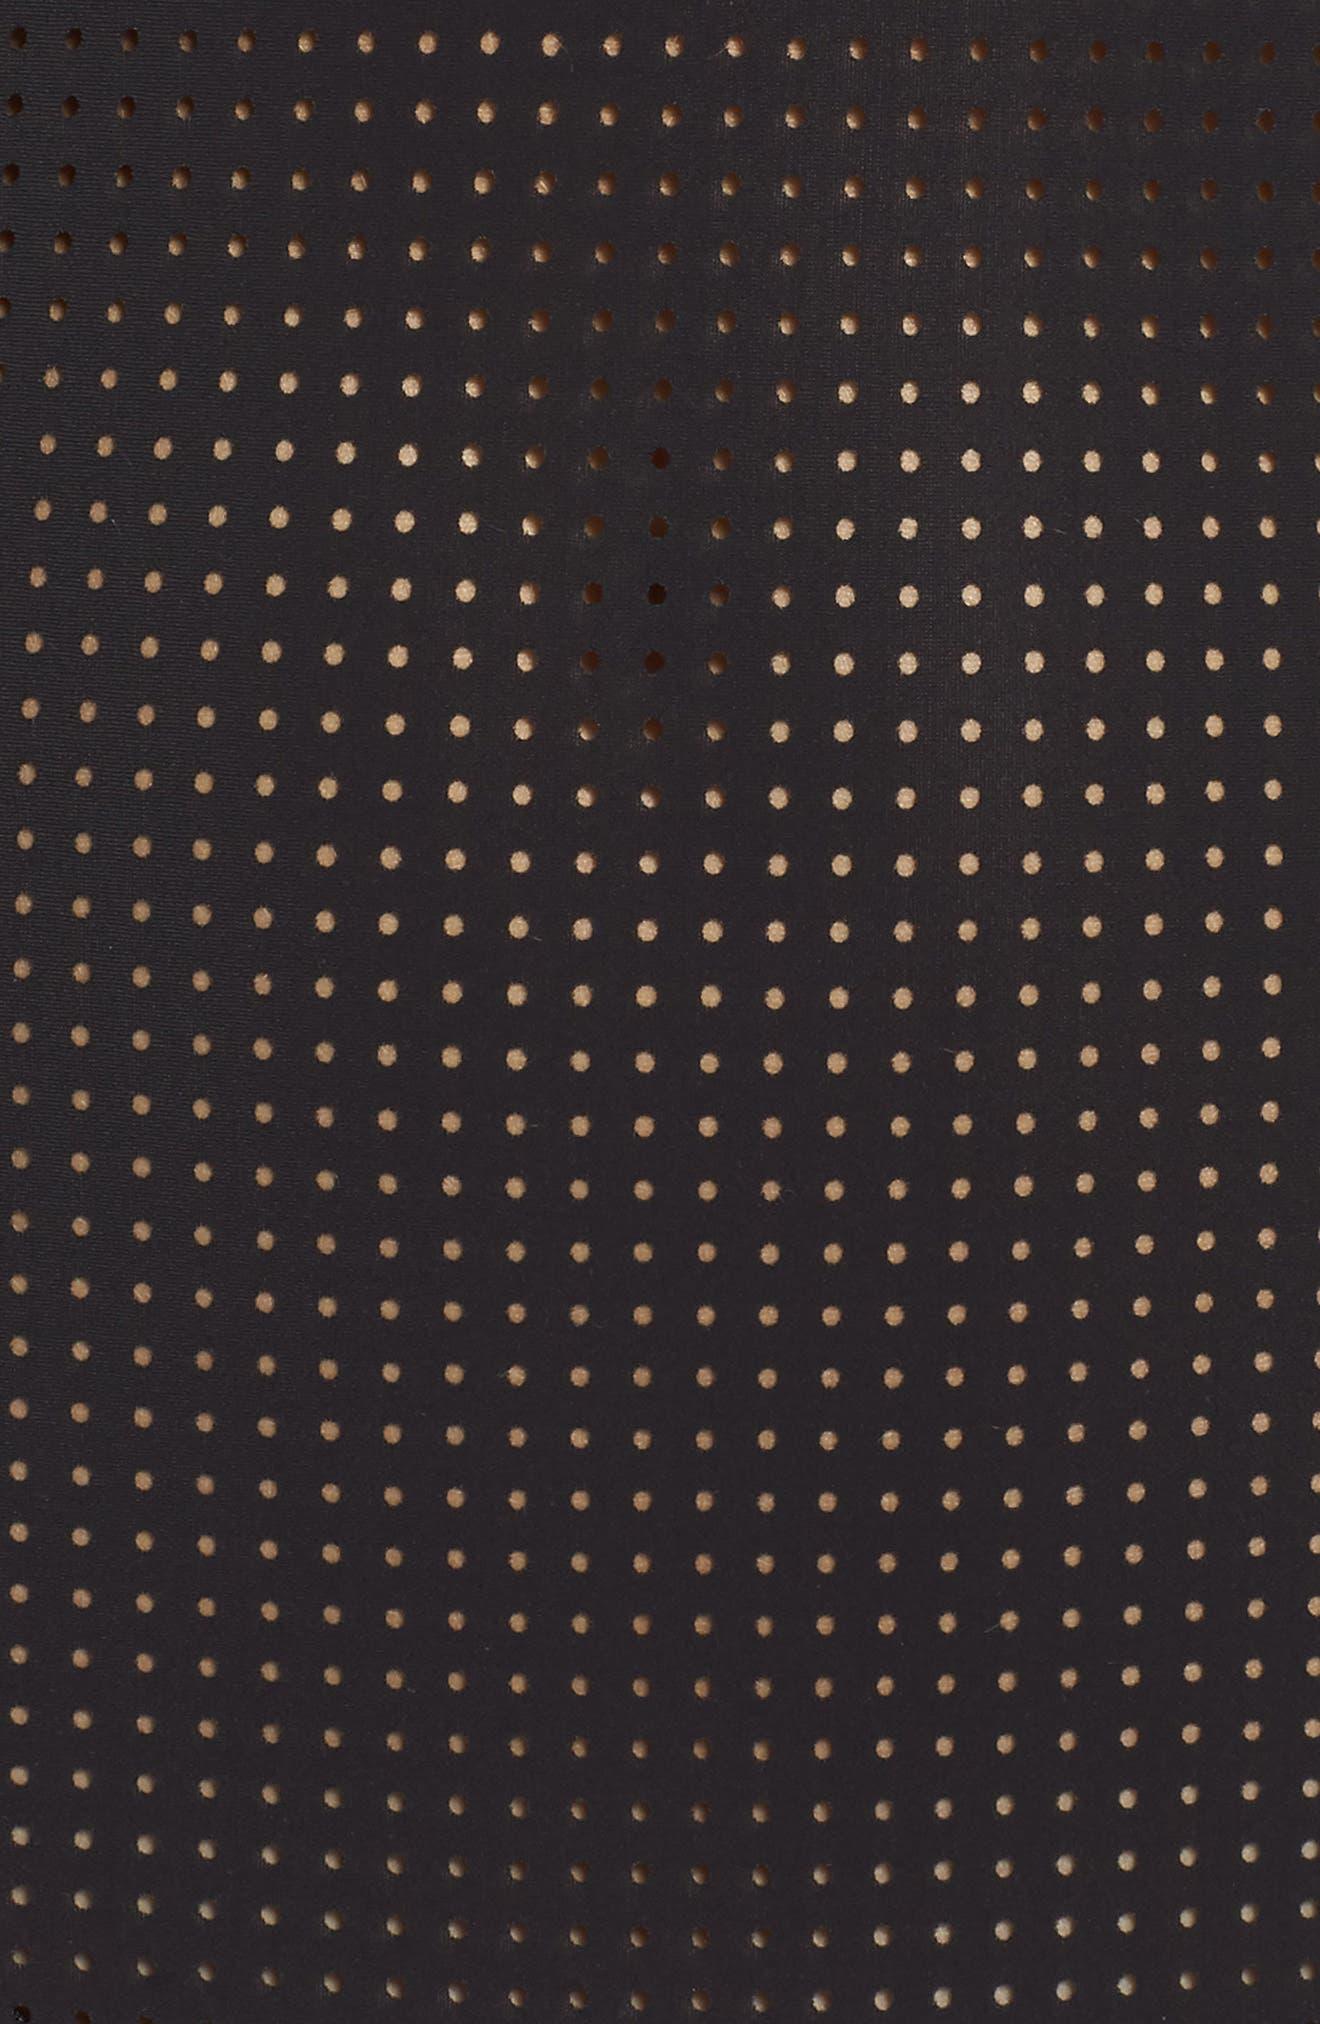 Extension Bodysuit,                             Alternate thumbnail 6, color,                             001